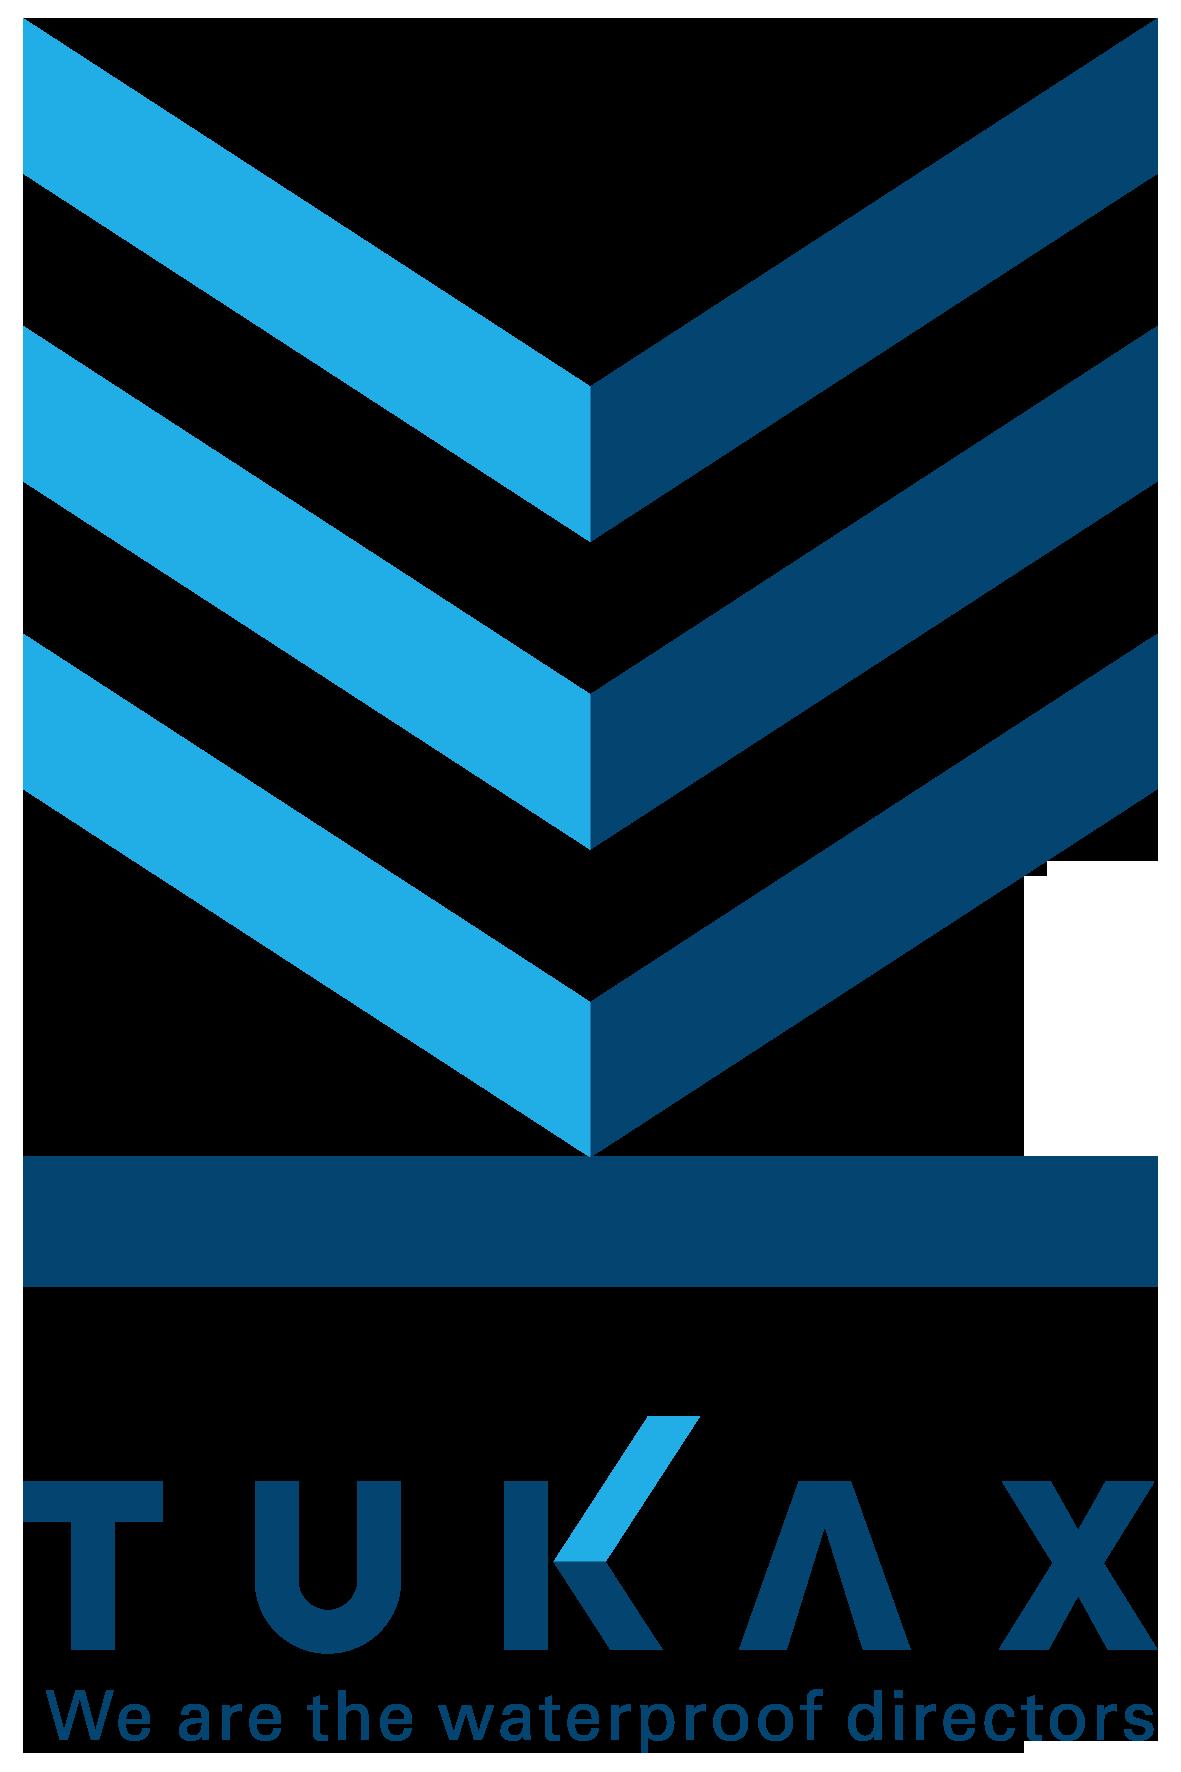 建築/建設/設備/設計/造園とシンプルと青のロゴ